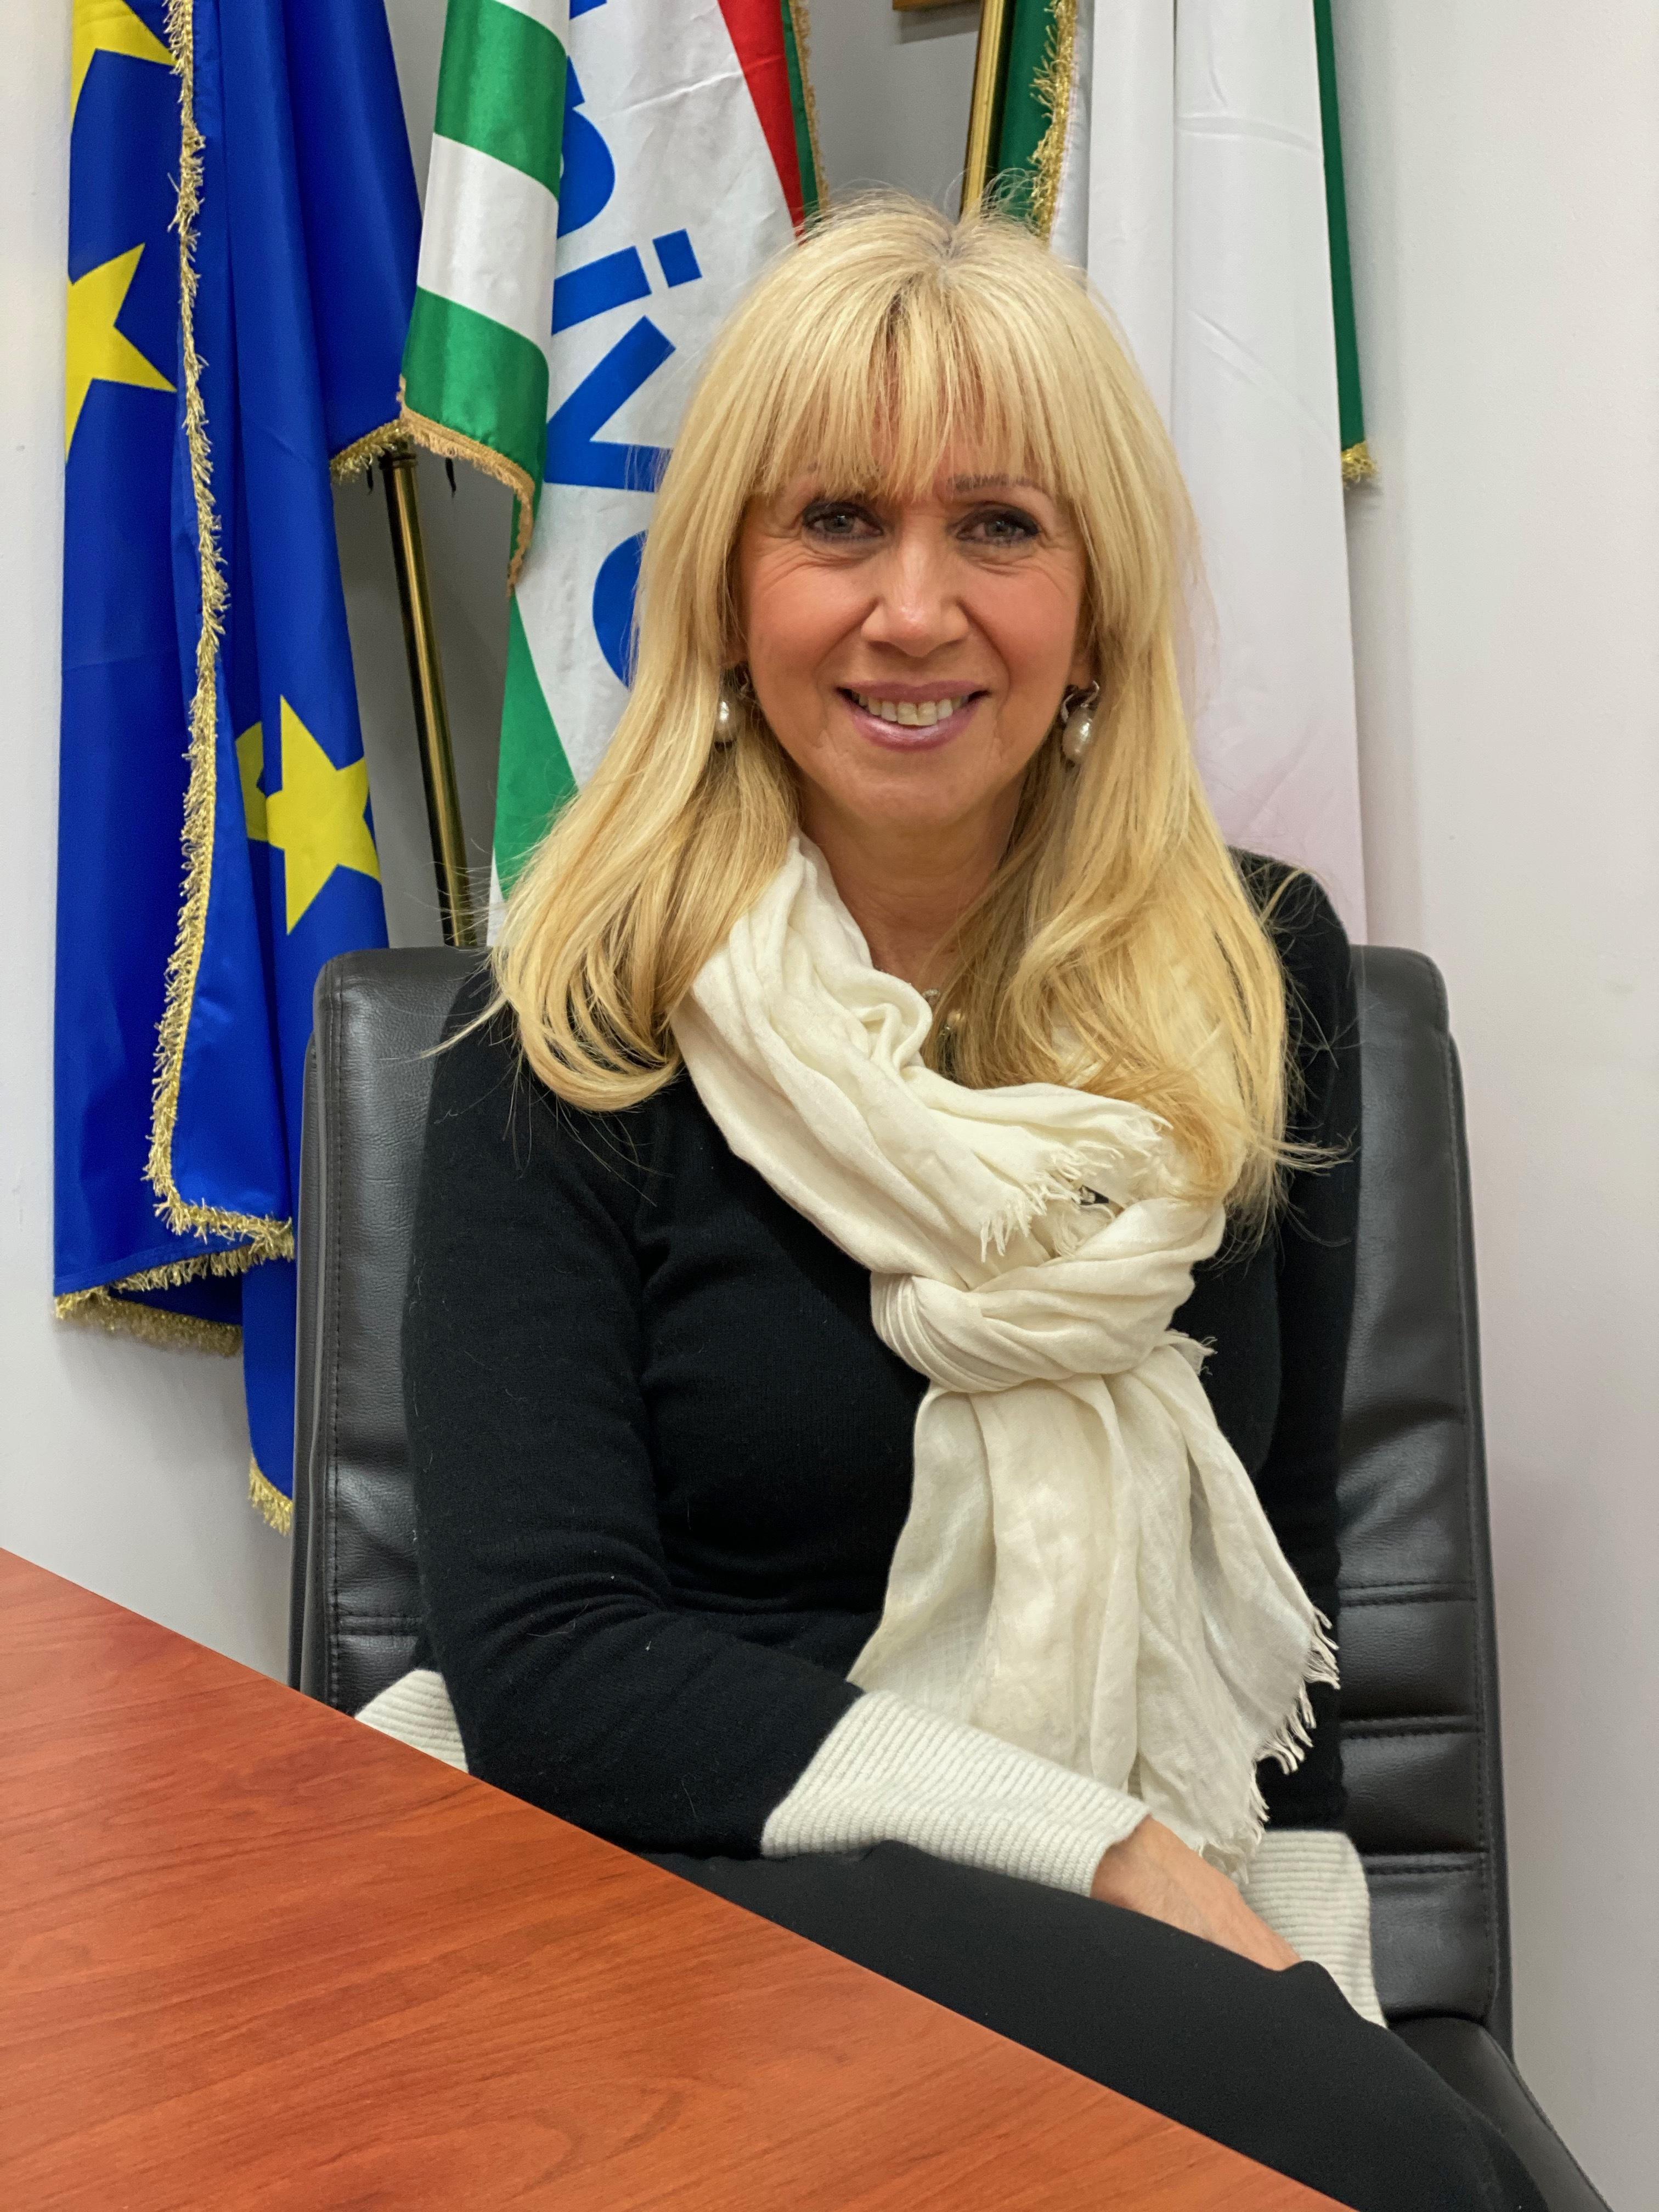 Olga Beffa